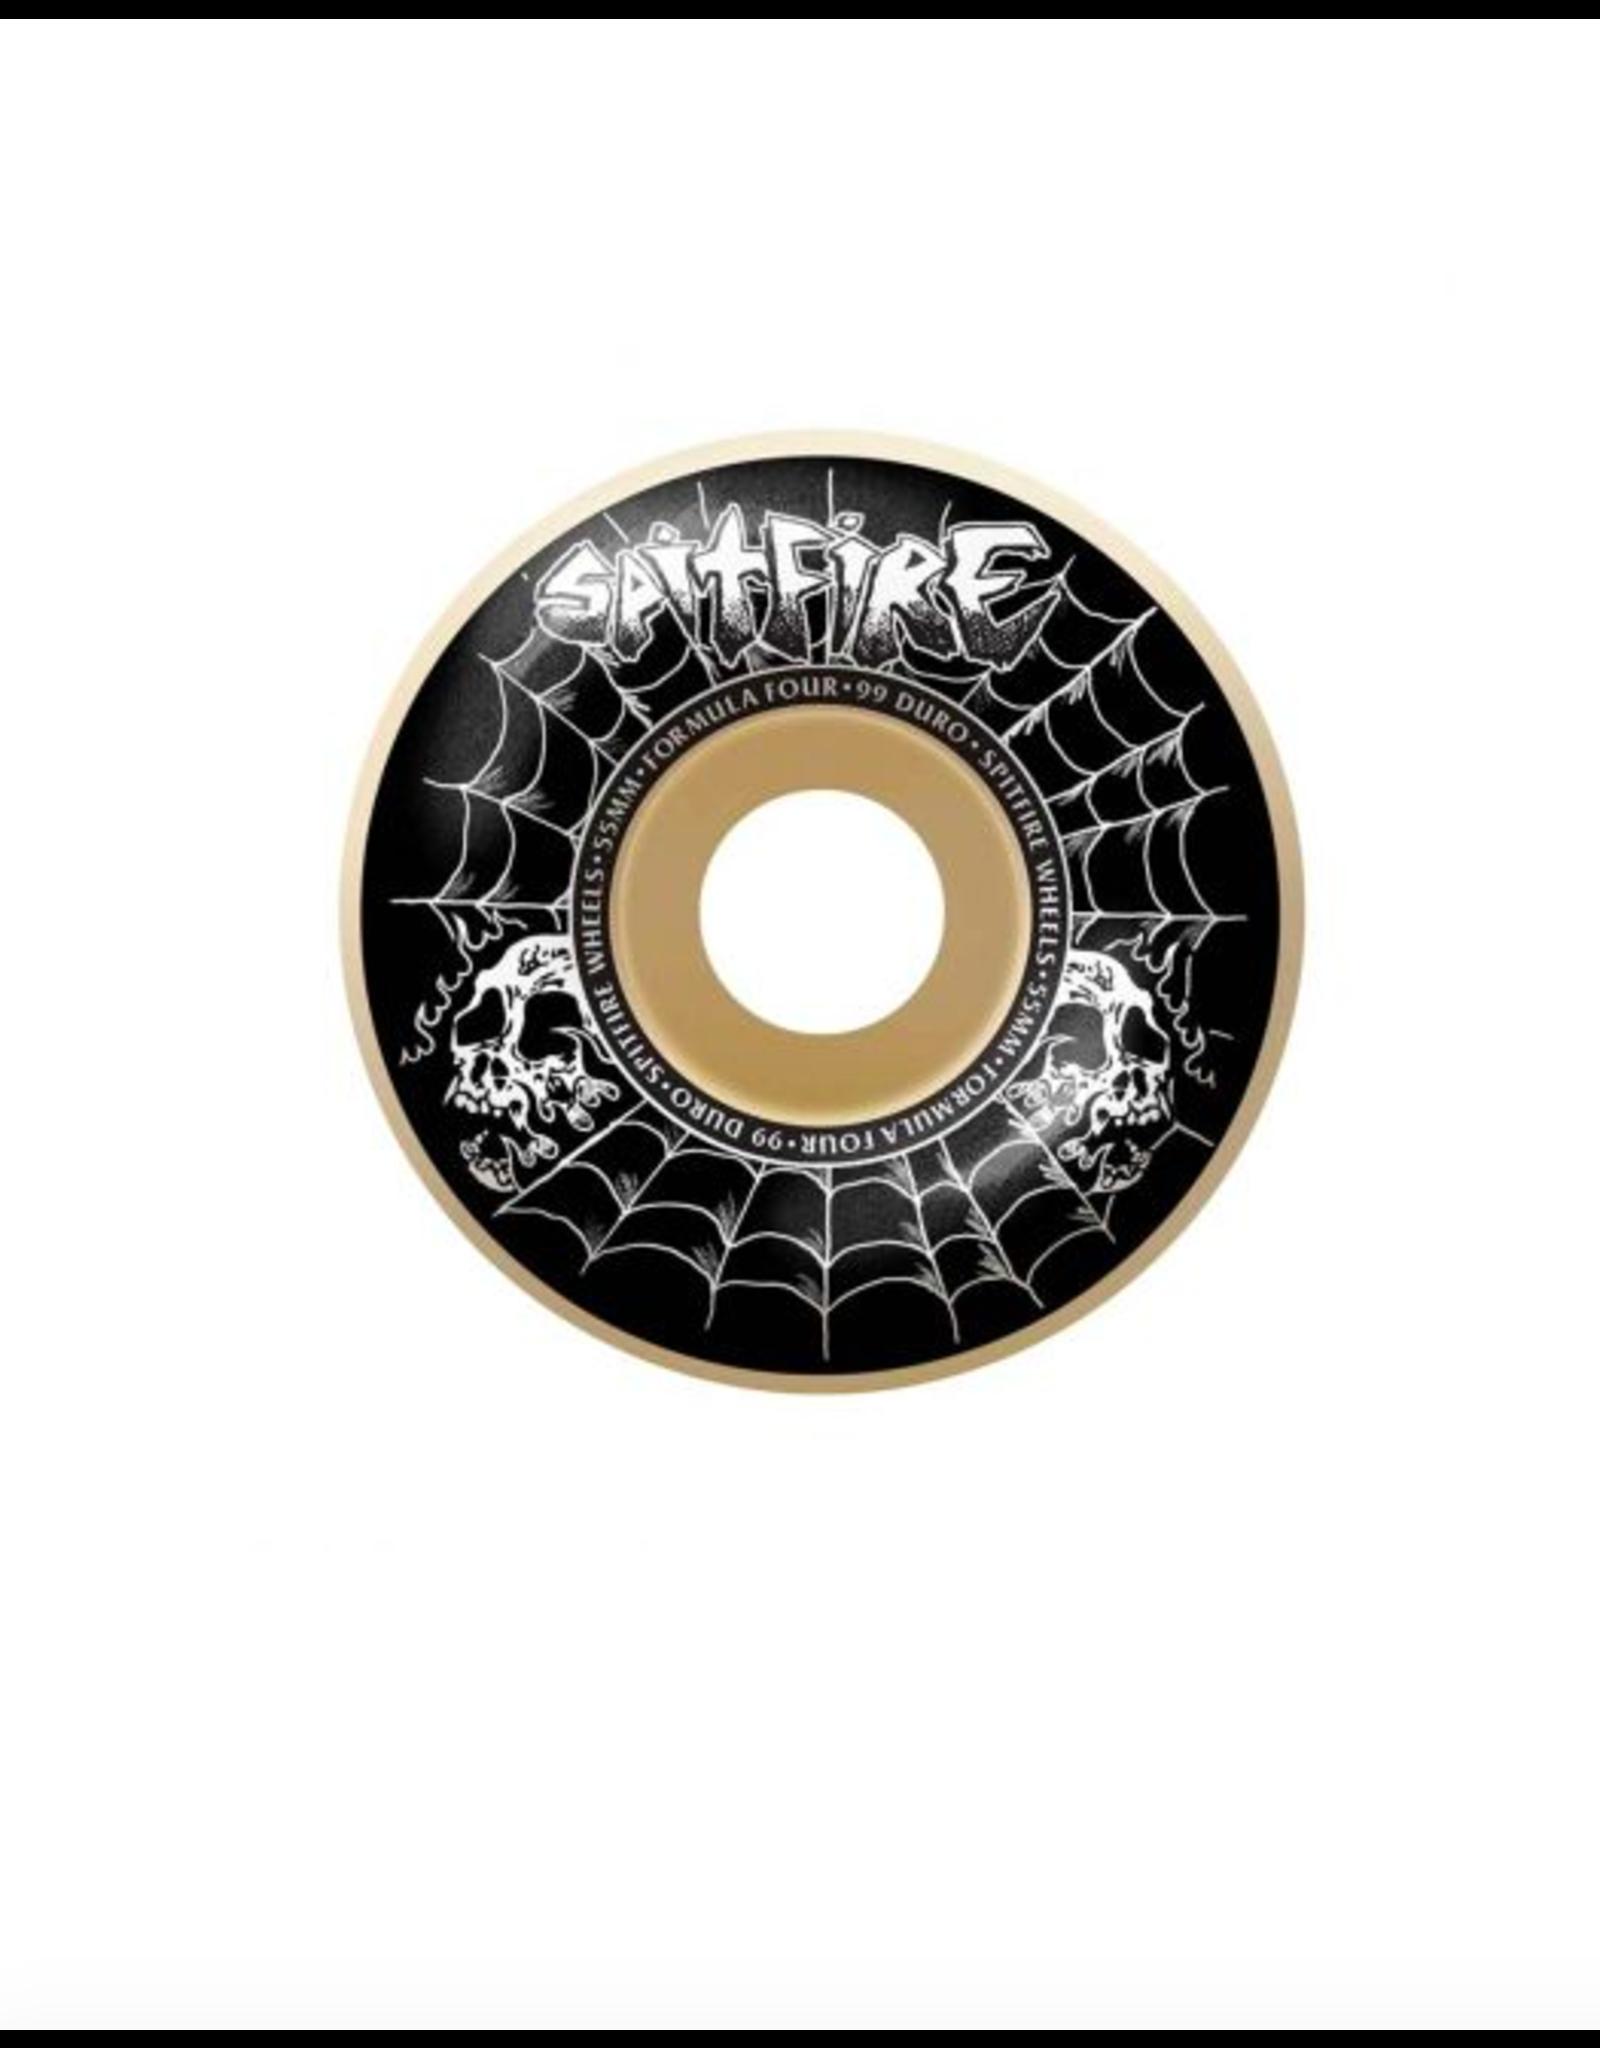 Spitfire F4 99D Lotties